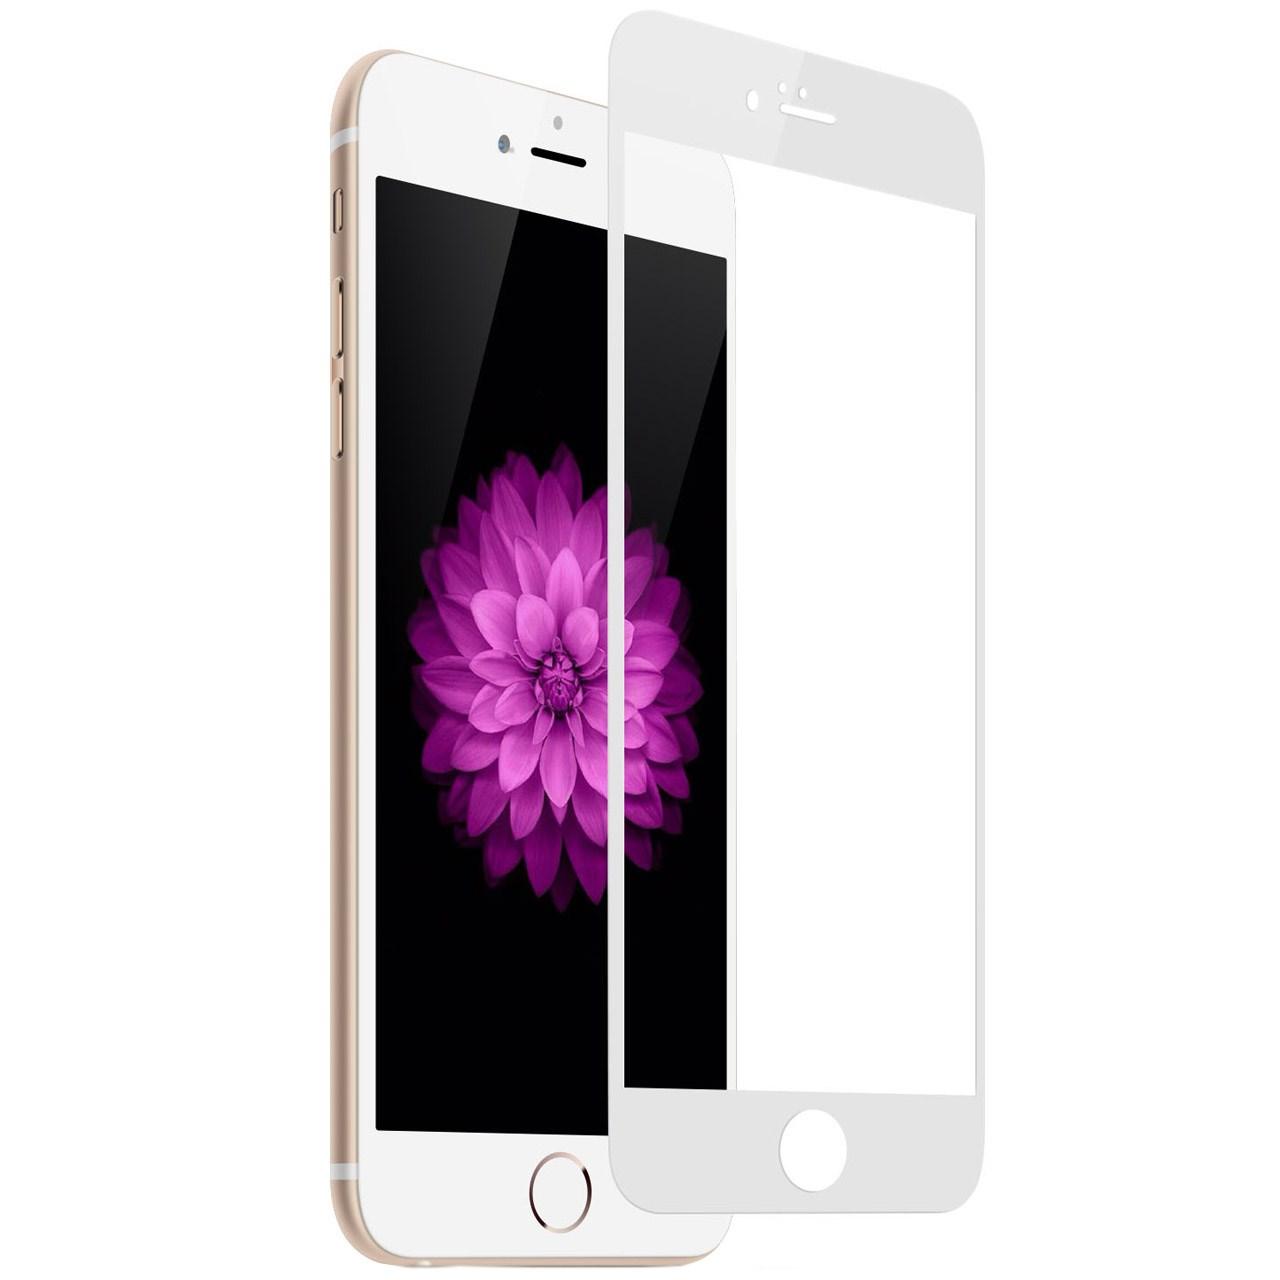 محافظ صفحه نمایش شیشه ای باسئوس مدل Profit مناسب برای گوشی موبایل آیفون 7